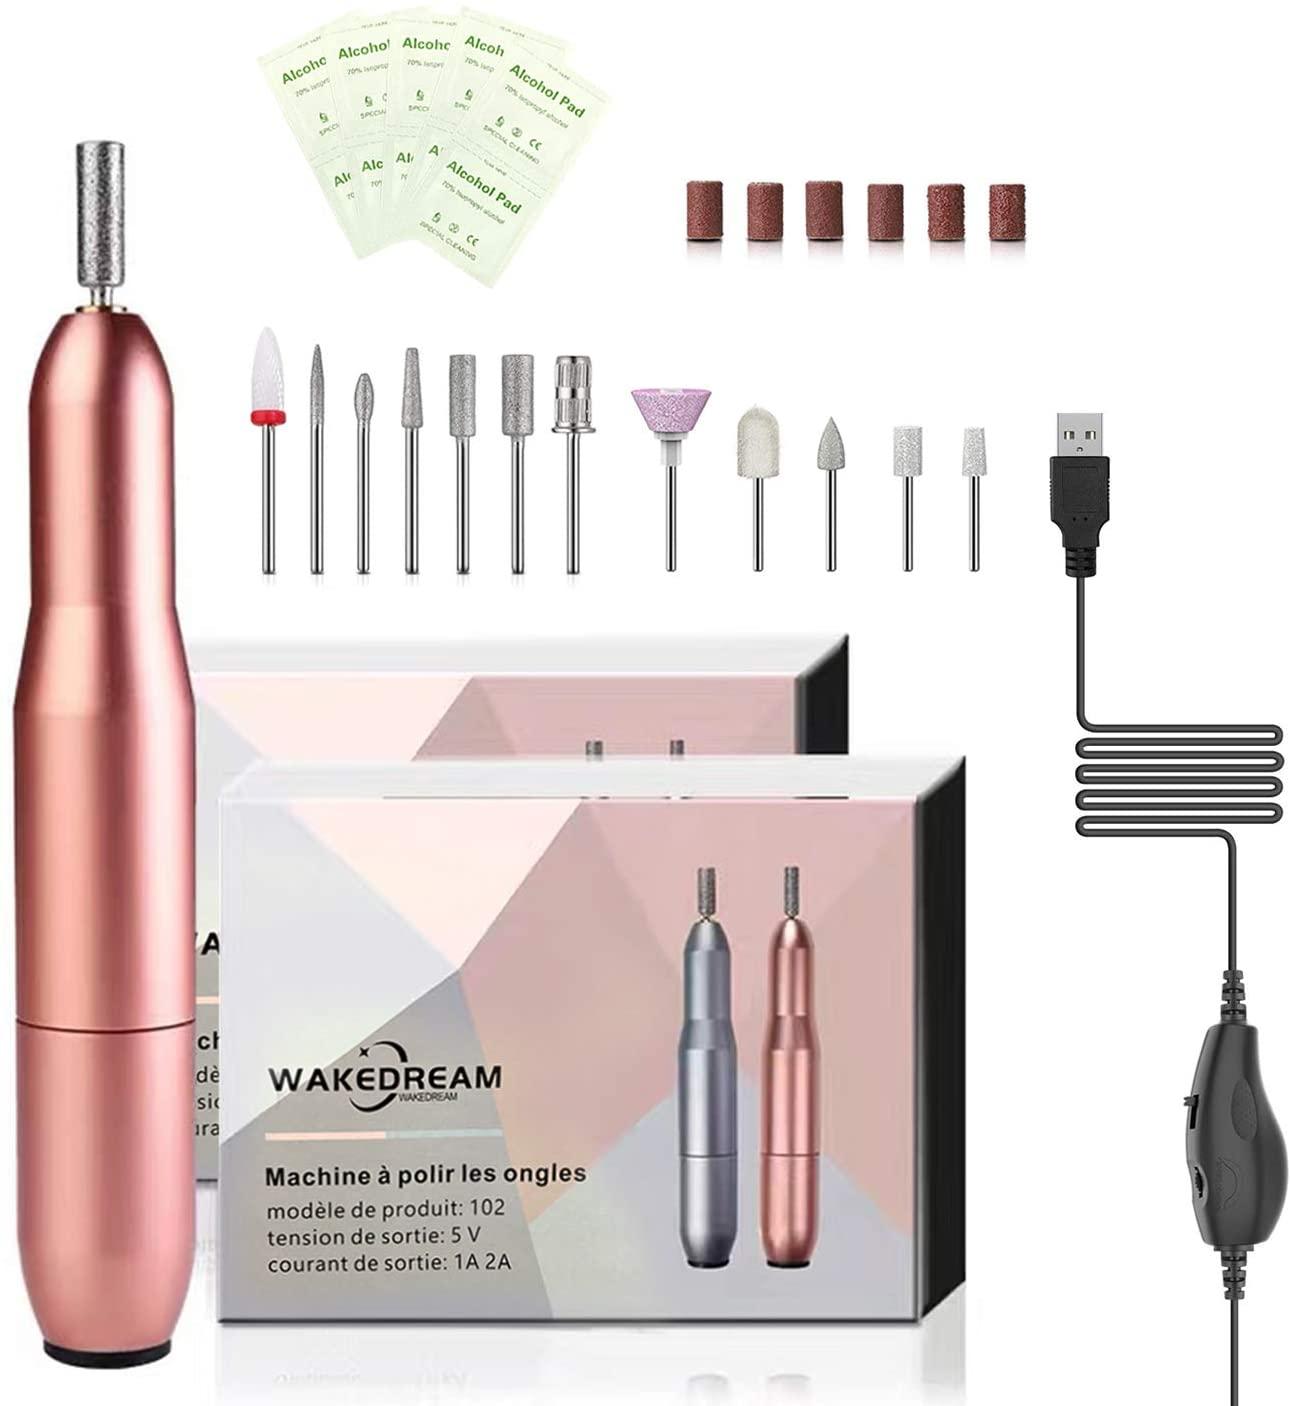 set-de-manicura-y-pedicura-electrico-wakedream-20201225-zjdmq.jpg